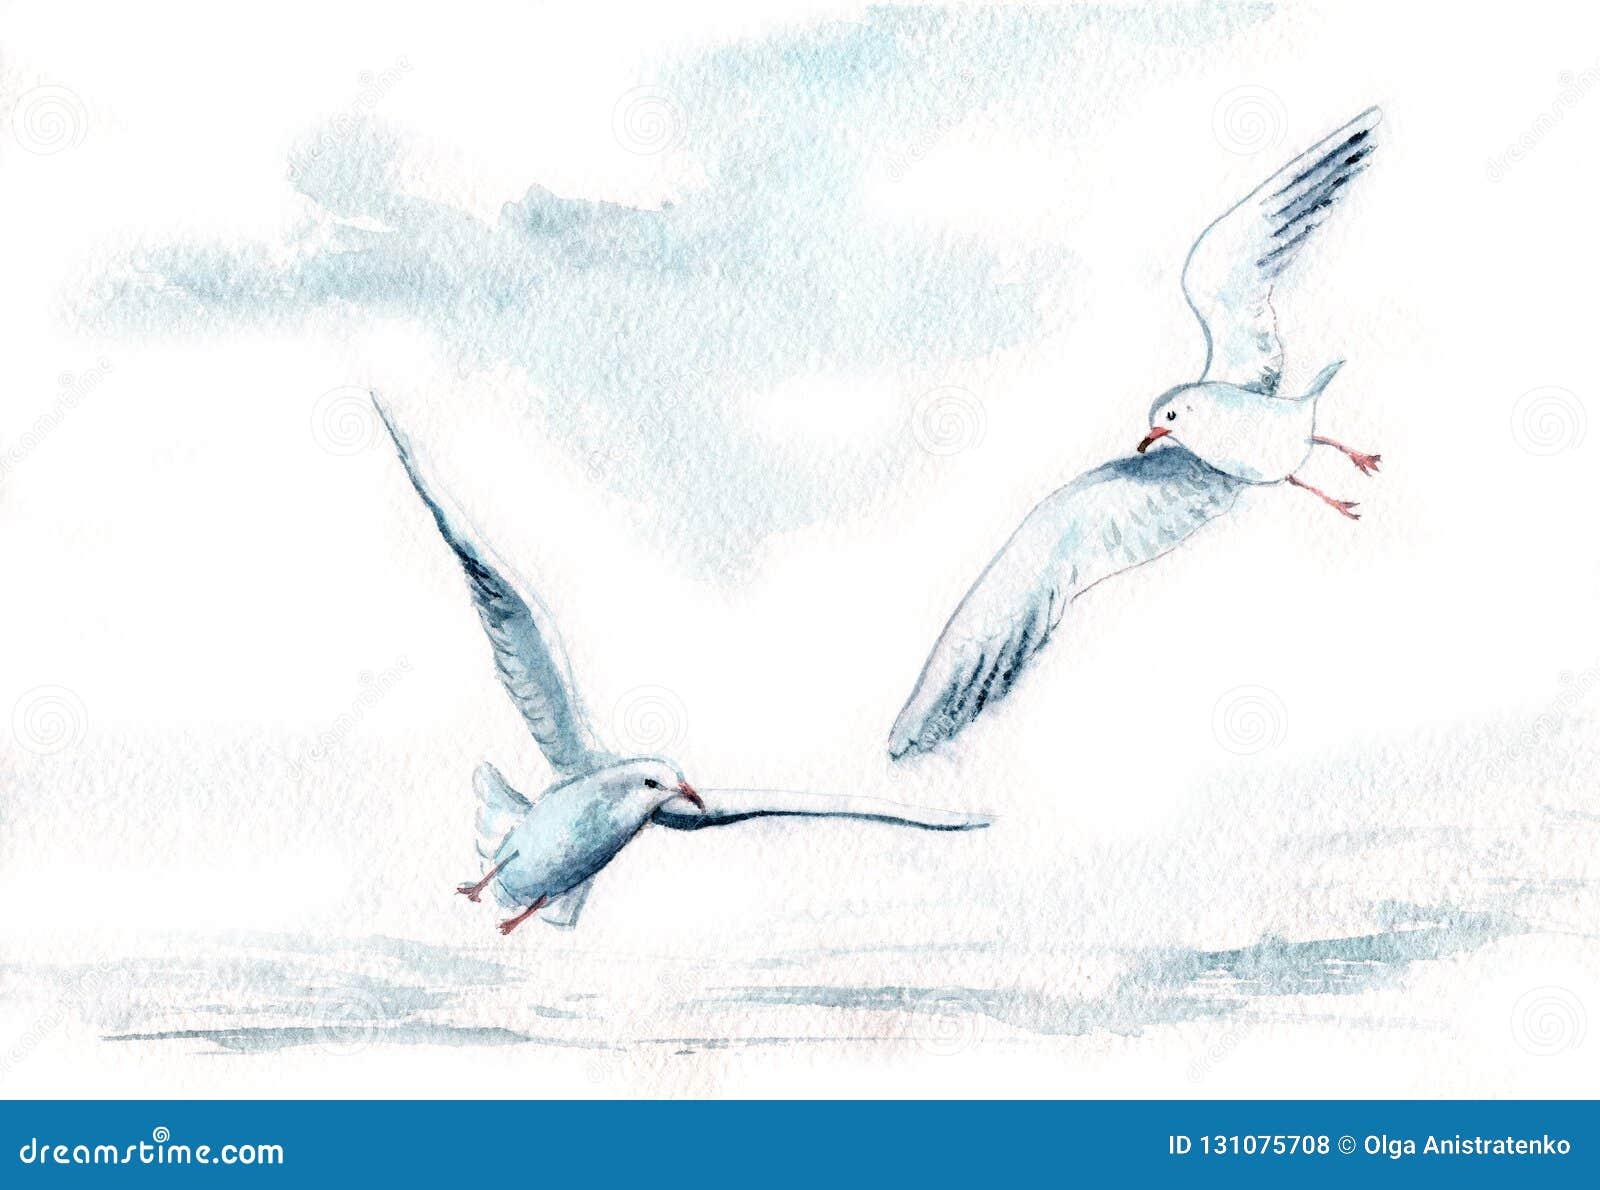 Akwarela Rysunek Ptaki Seagulls W Locie Ilustracji Ilustracja